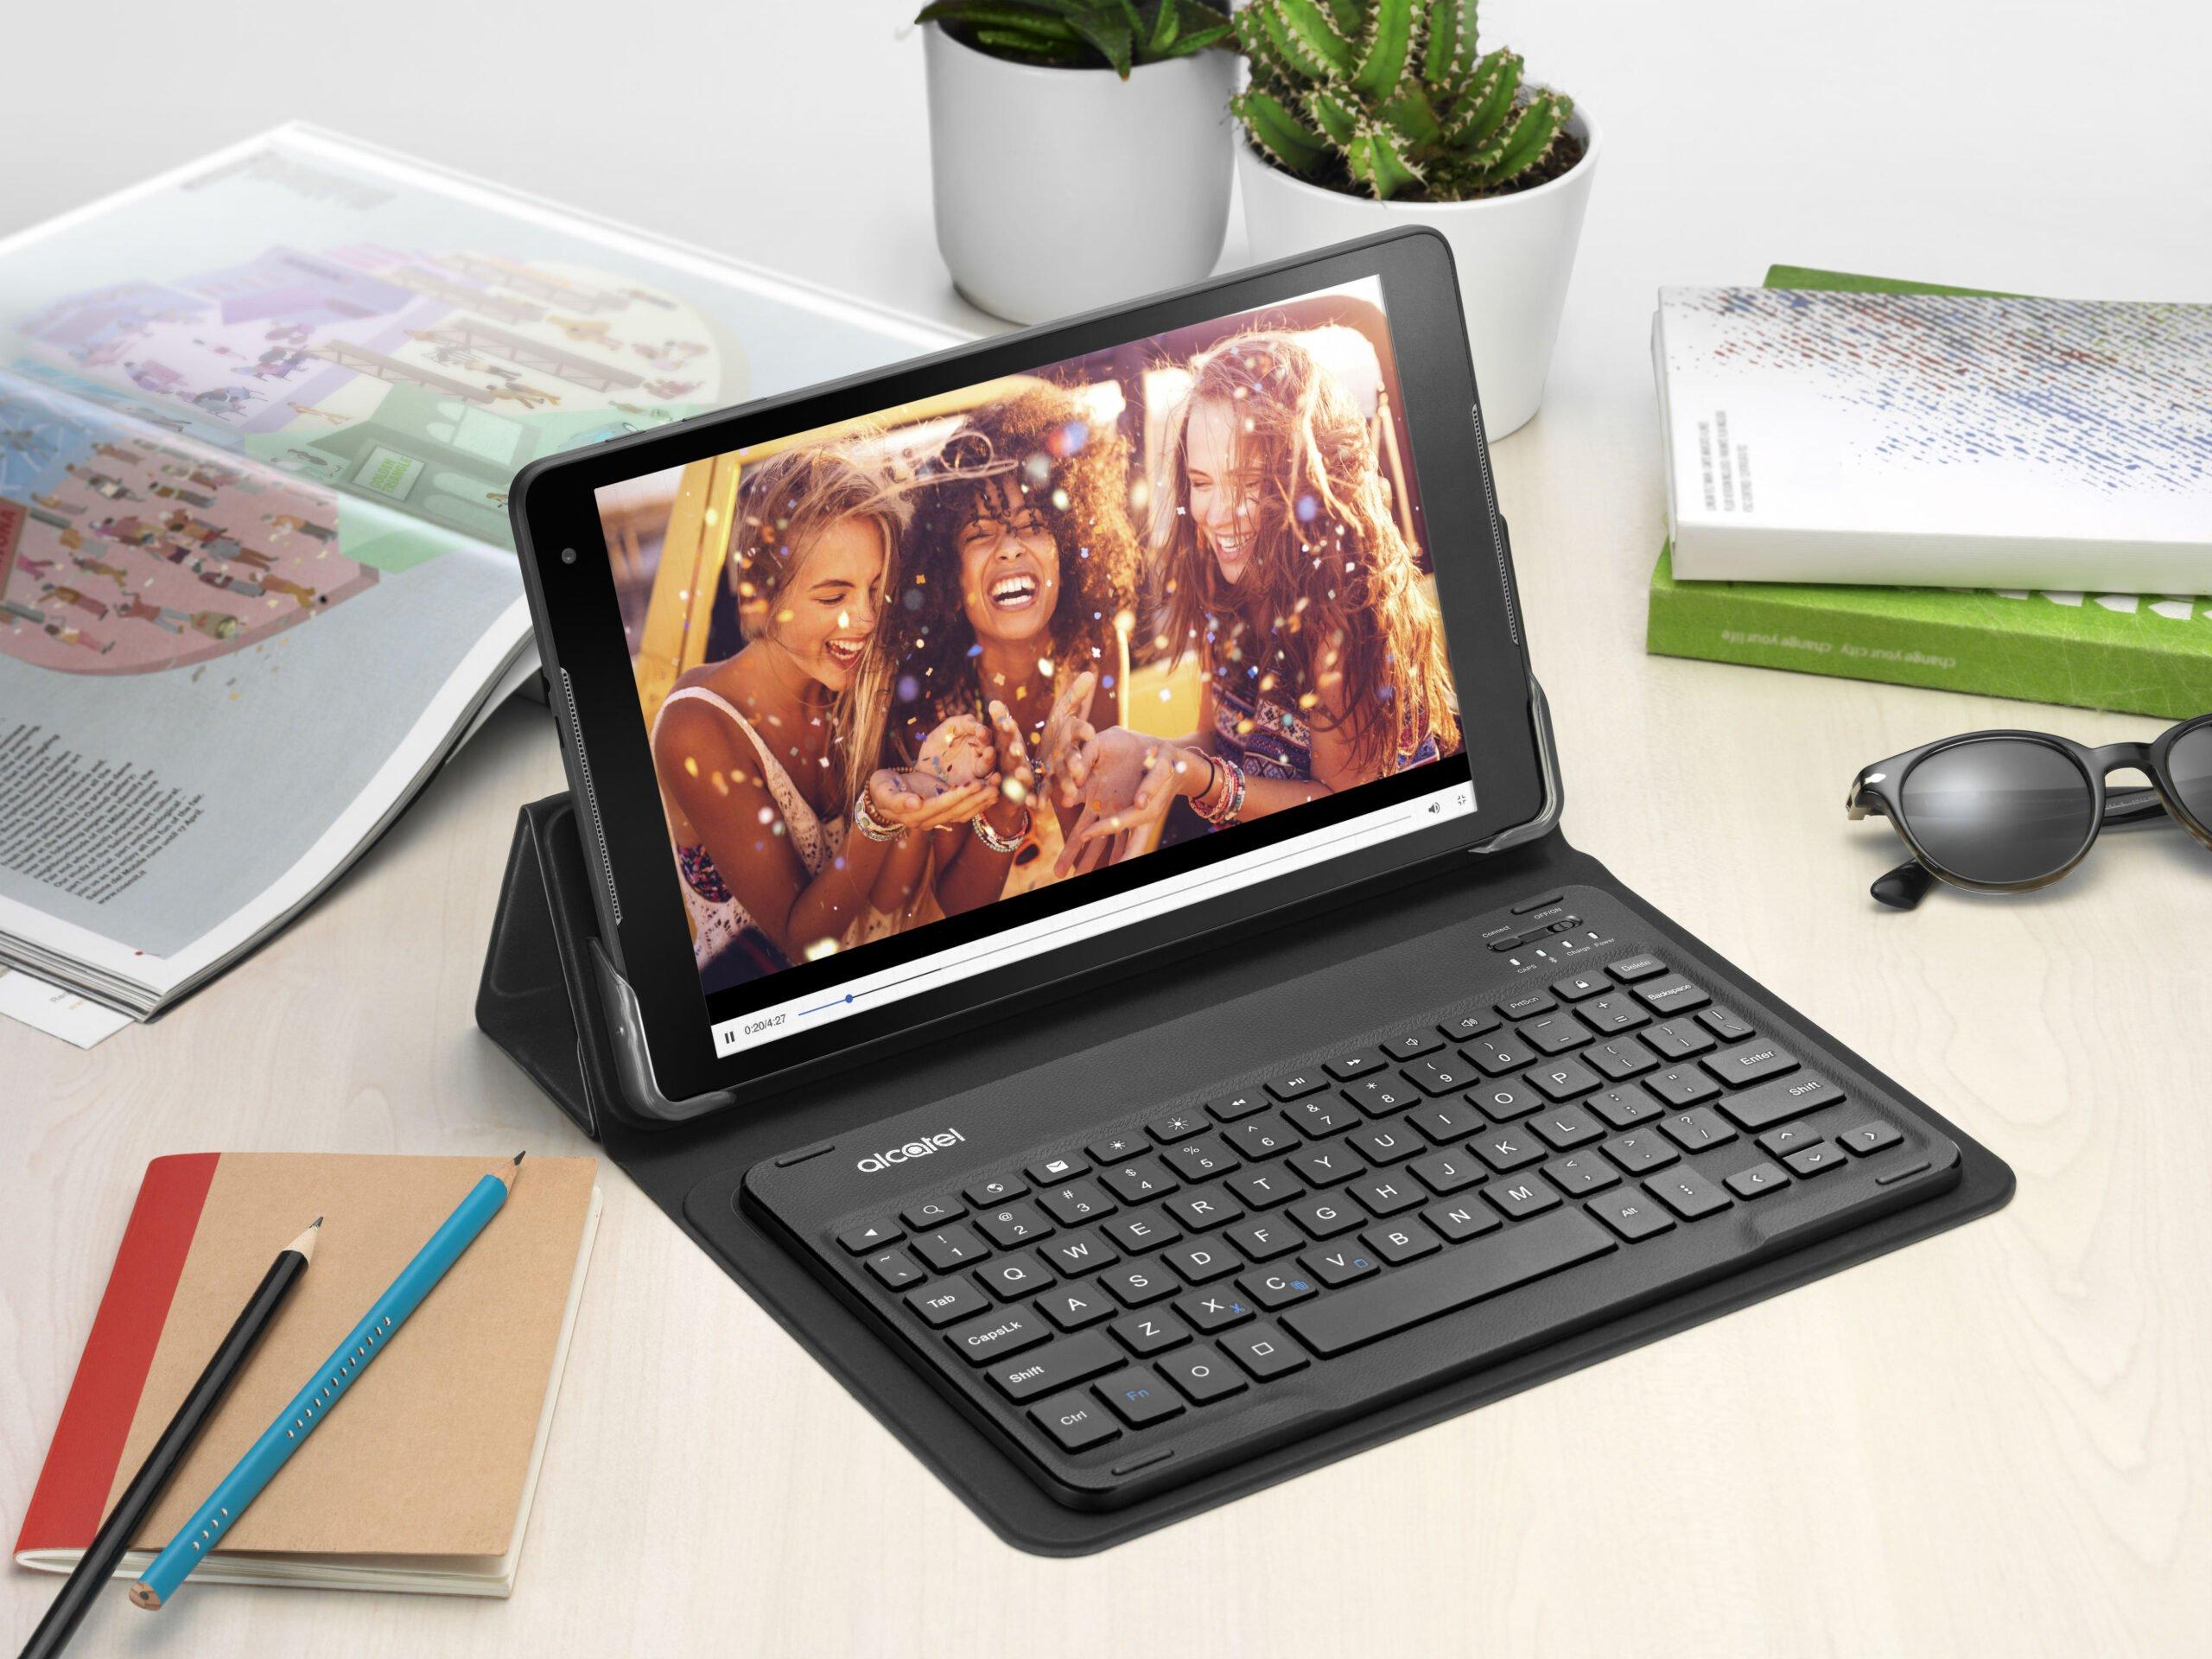 TCL Türkiye Alcatel tablet ile başarıya imza attı!